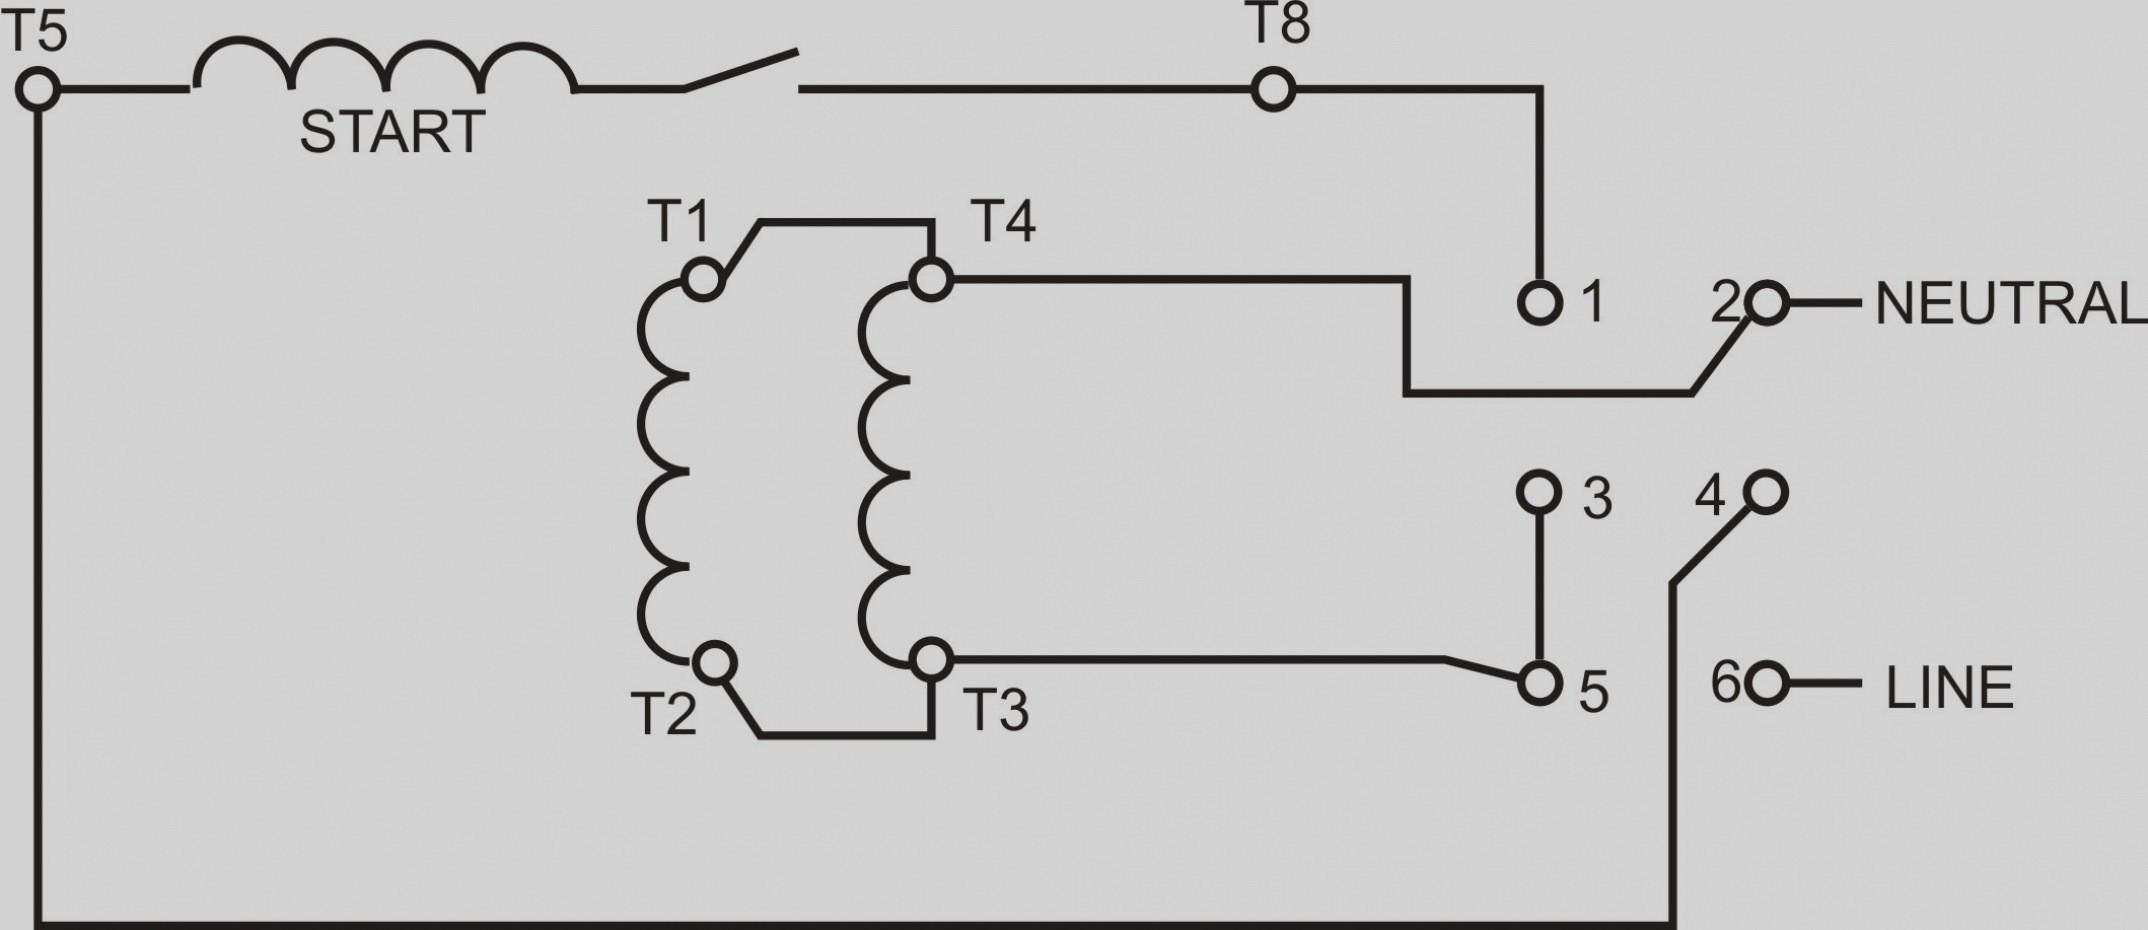 3 Phase Motor Wiring Diagram 12 Leads | Wiring Diagram Image